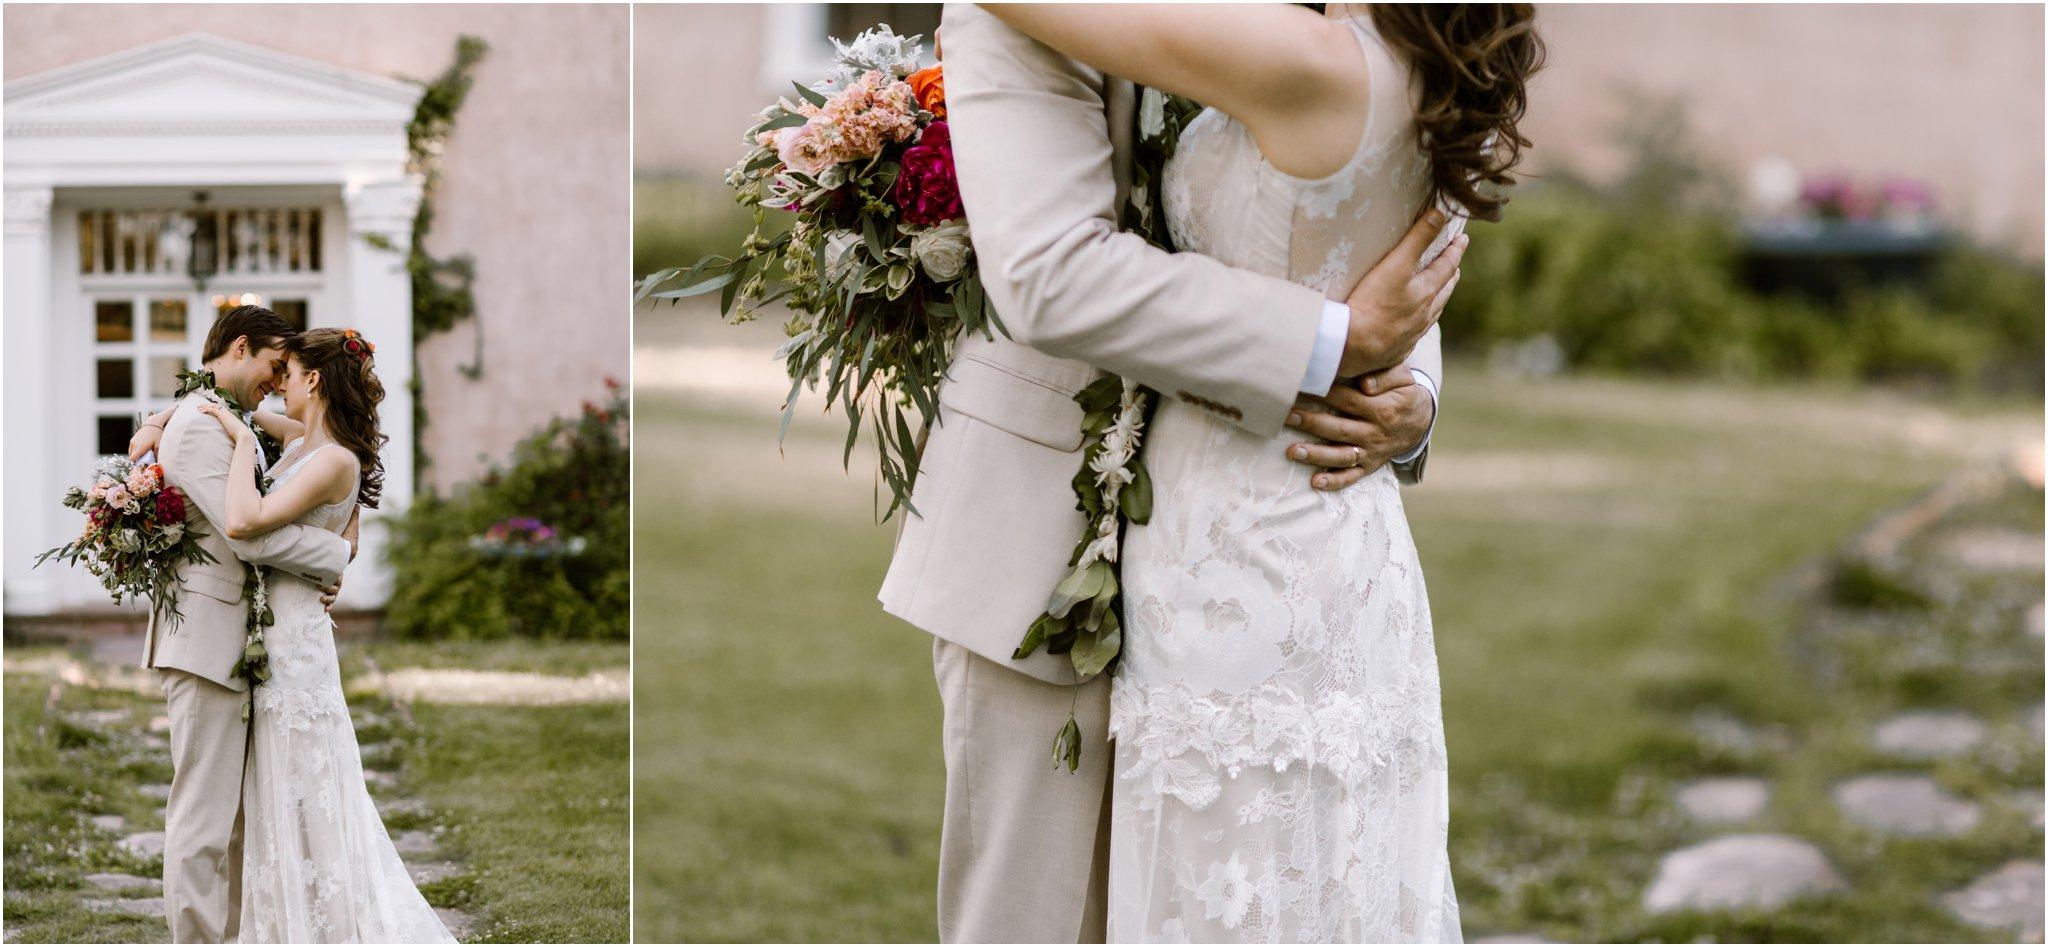 0292Los Poblanos Weddings Blue Rose Photography Studios